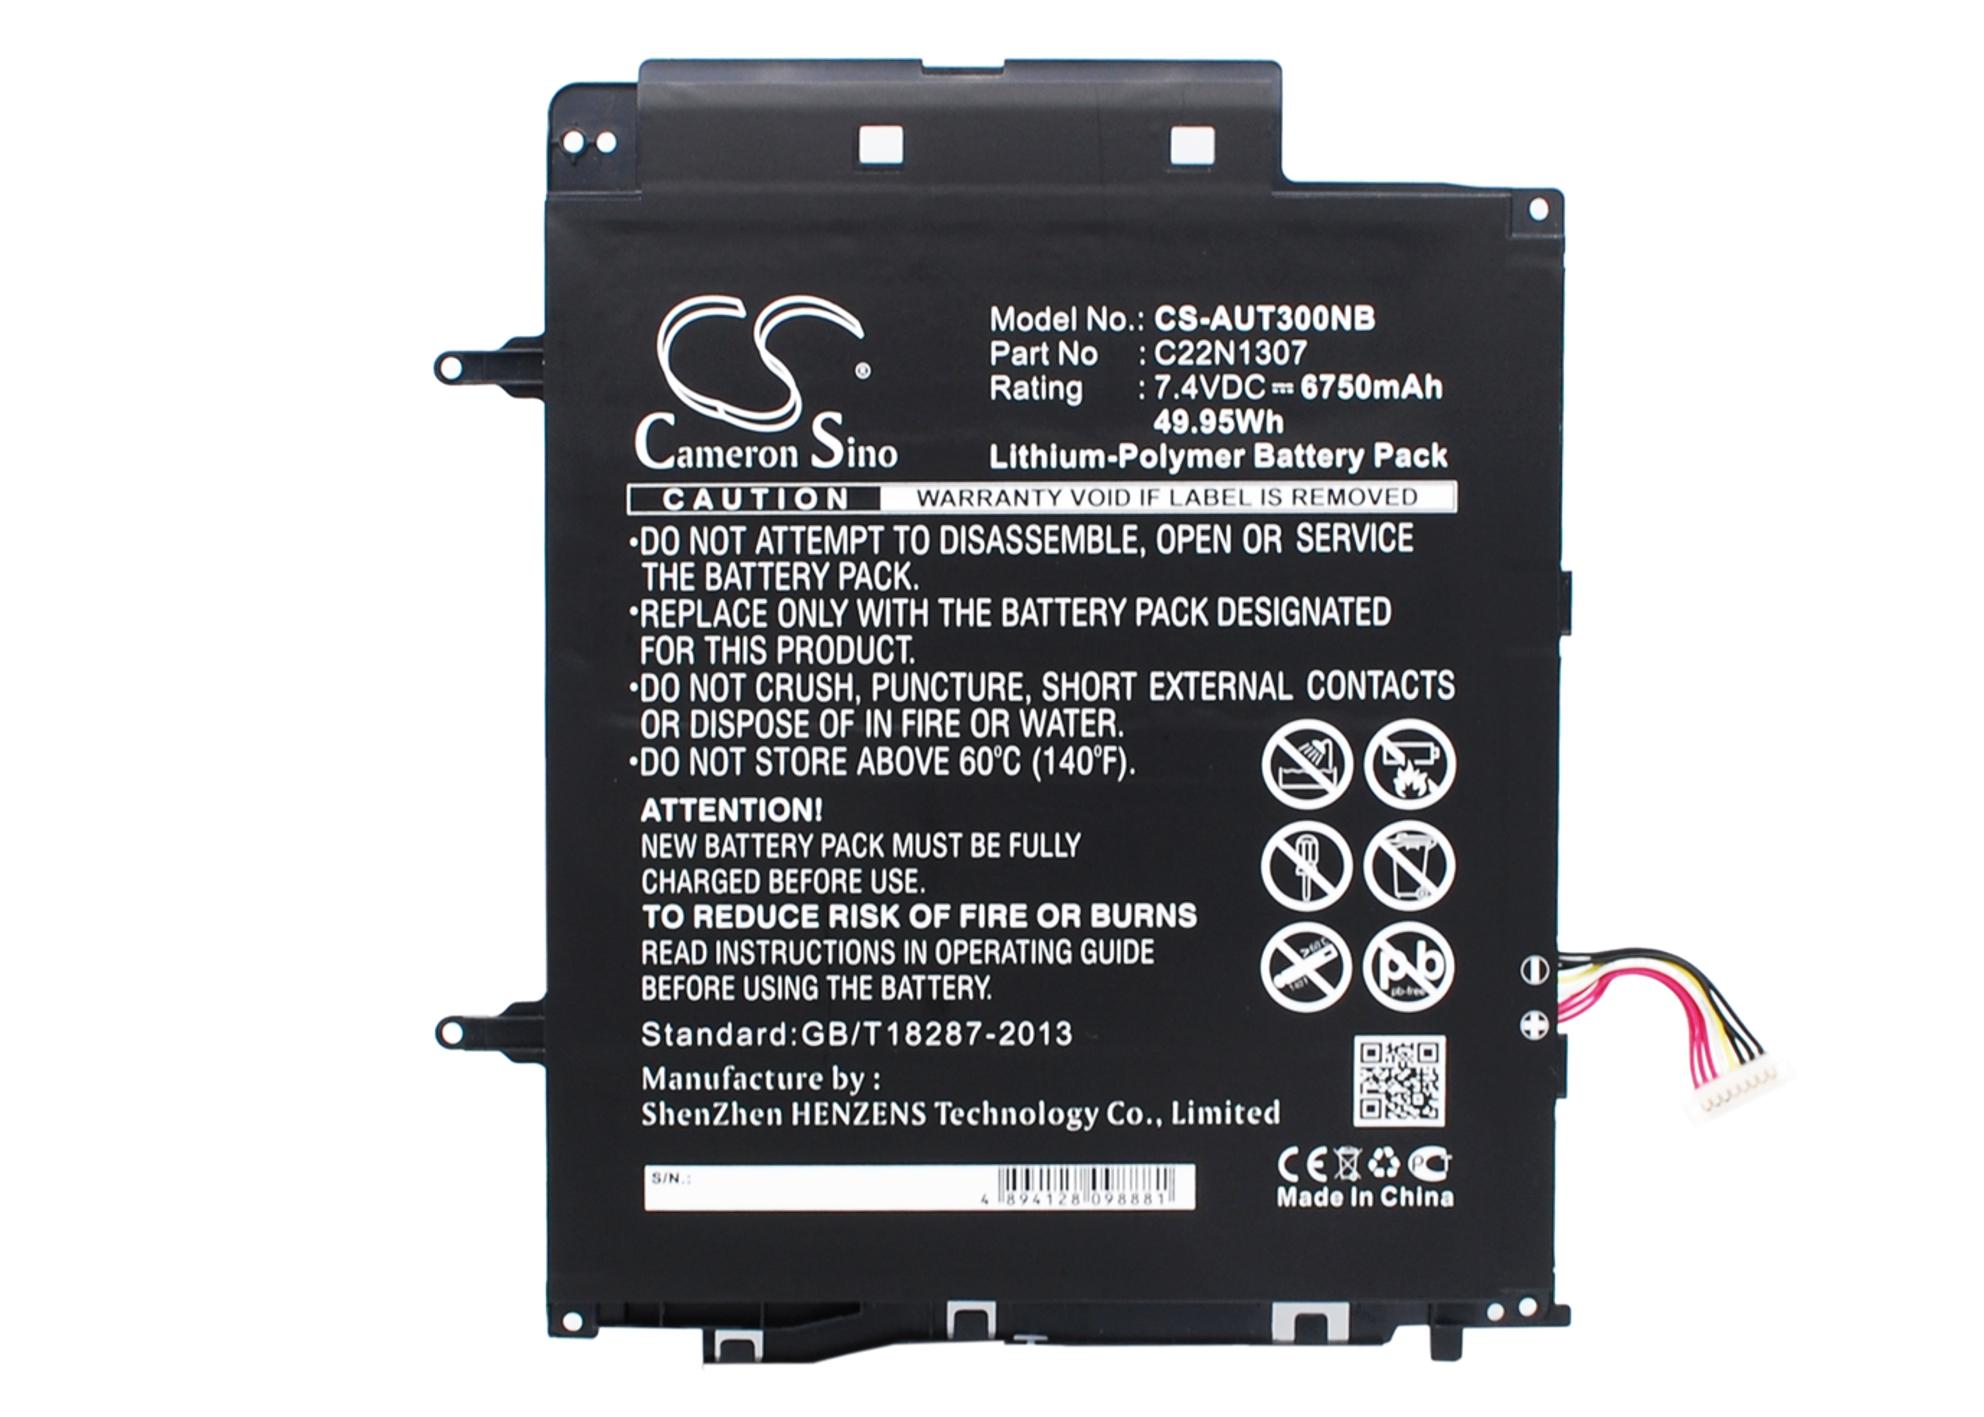 Cameron Sino baterie do notebooků pro ASUS T300LA-US51T 7.4V Li-Polymer 6750mAh černá - neoriginální